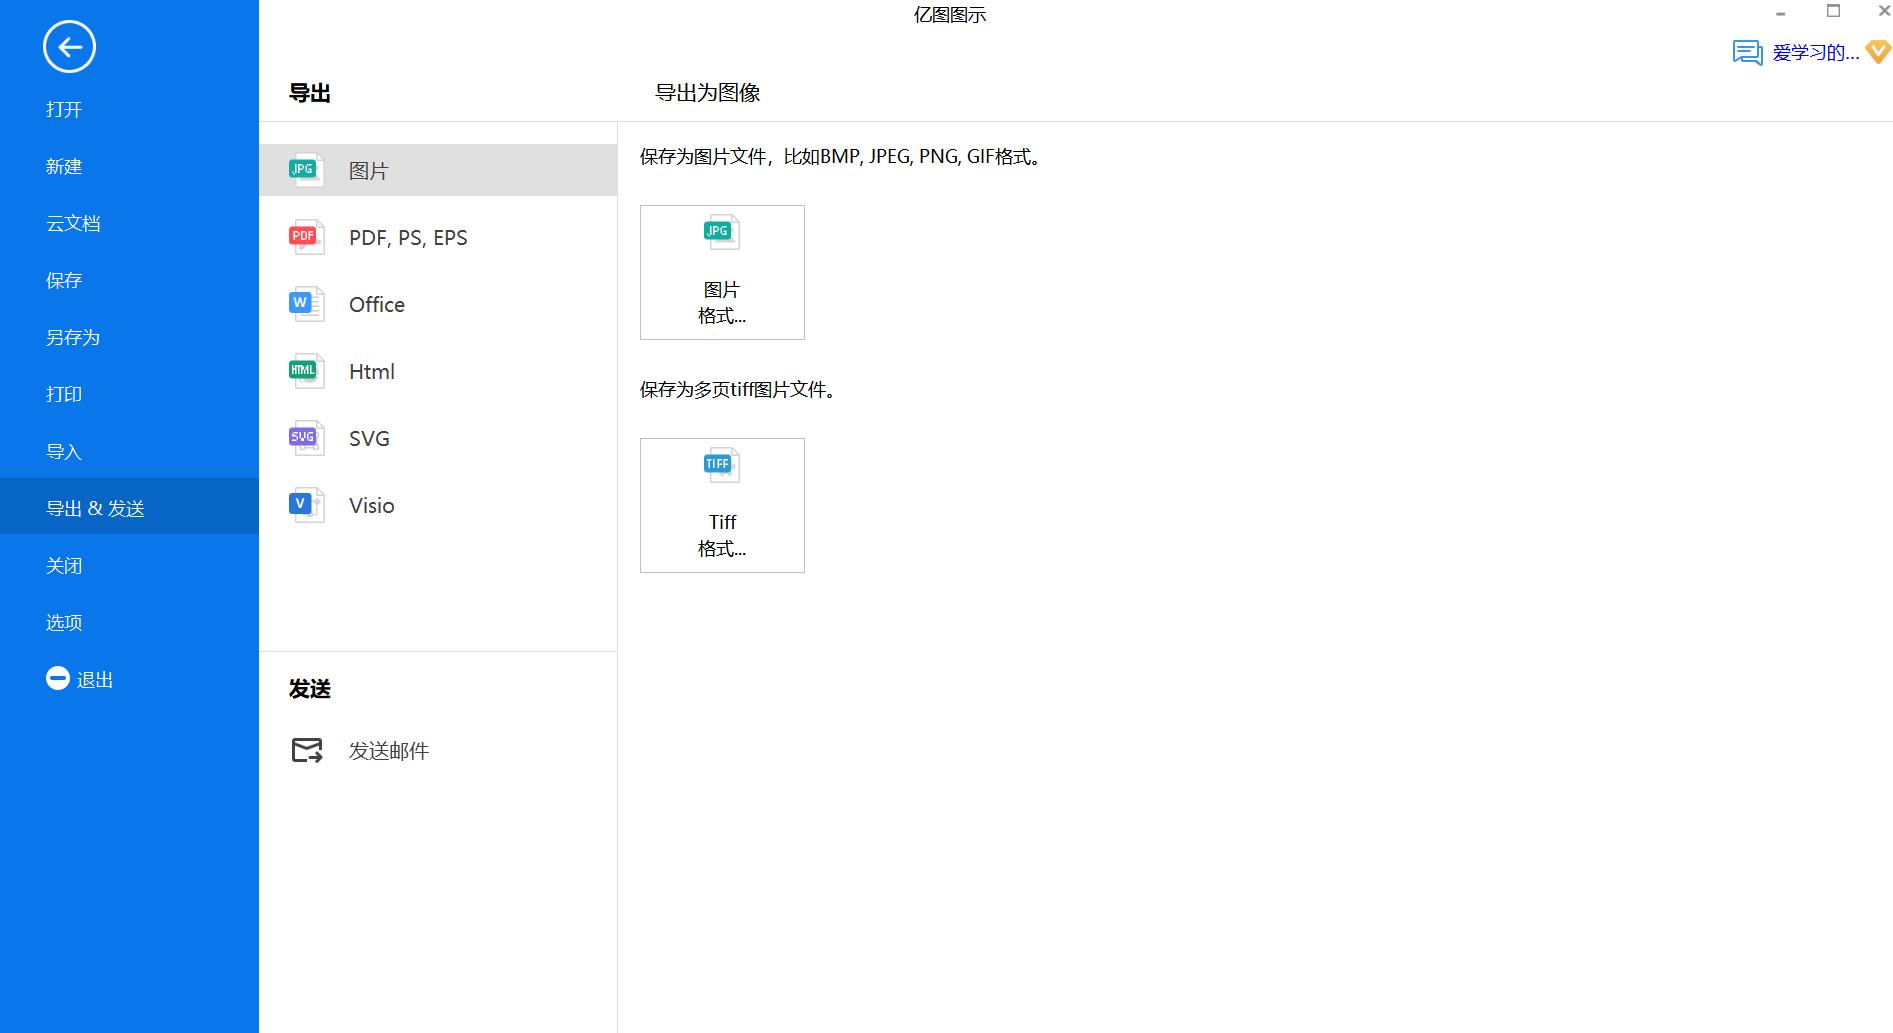 UML类图保存